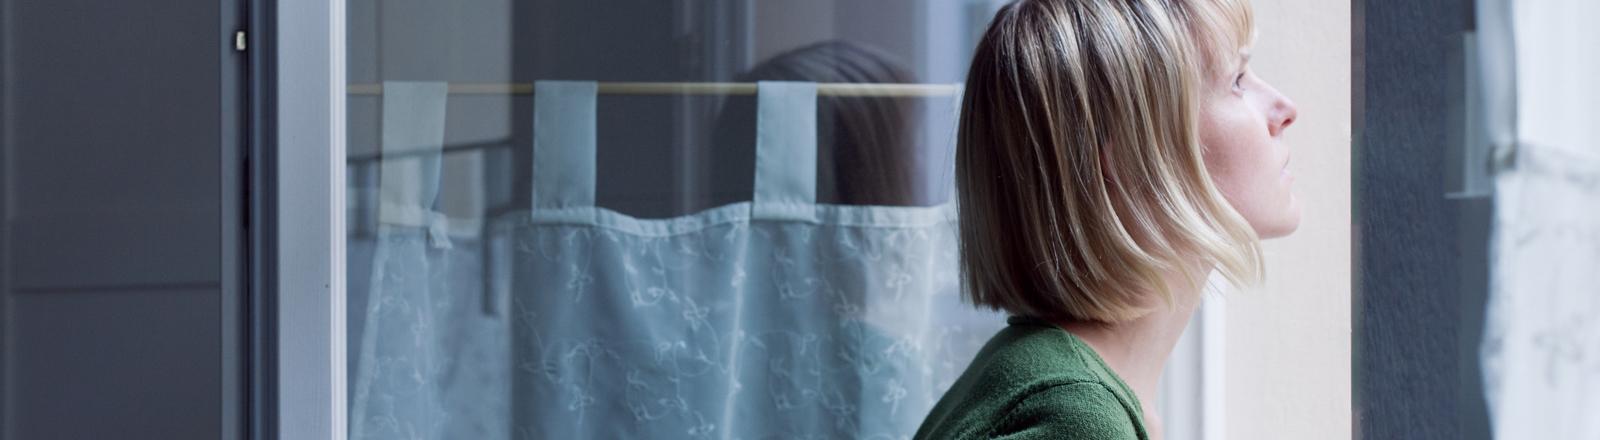 Eine Frau schaut allein, verlassen und sehnsuchtsvoll aus dem Fenster.